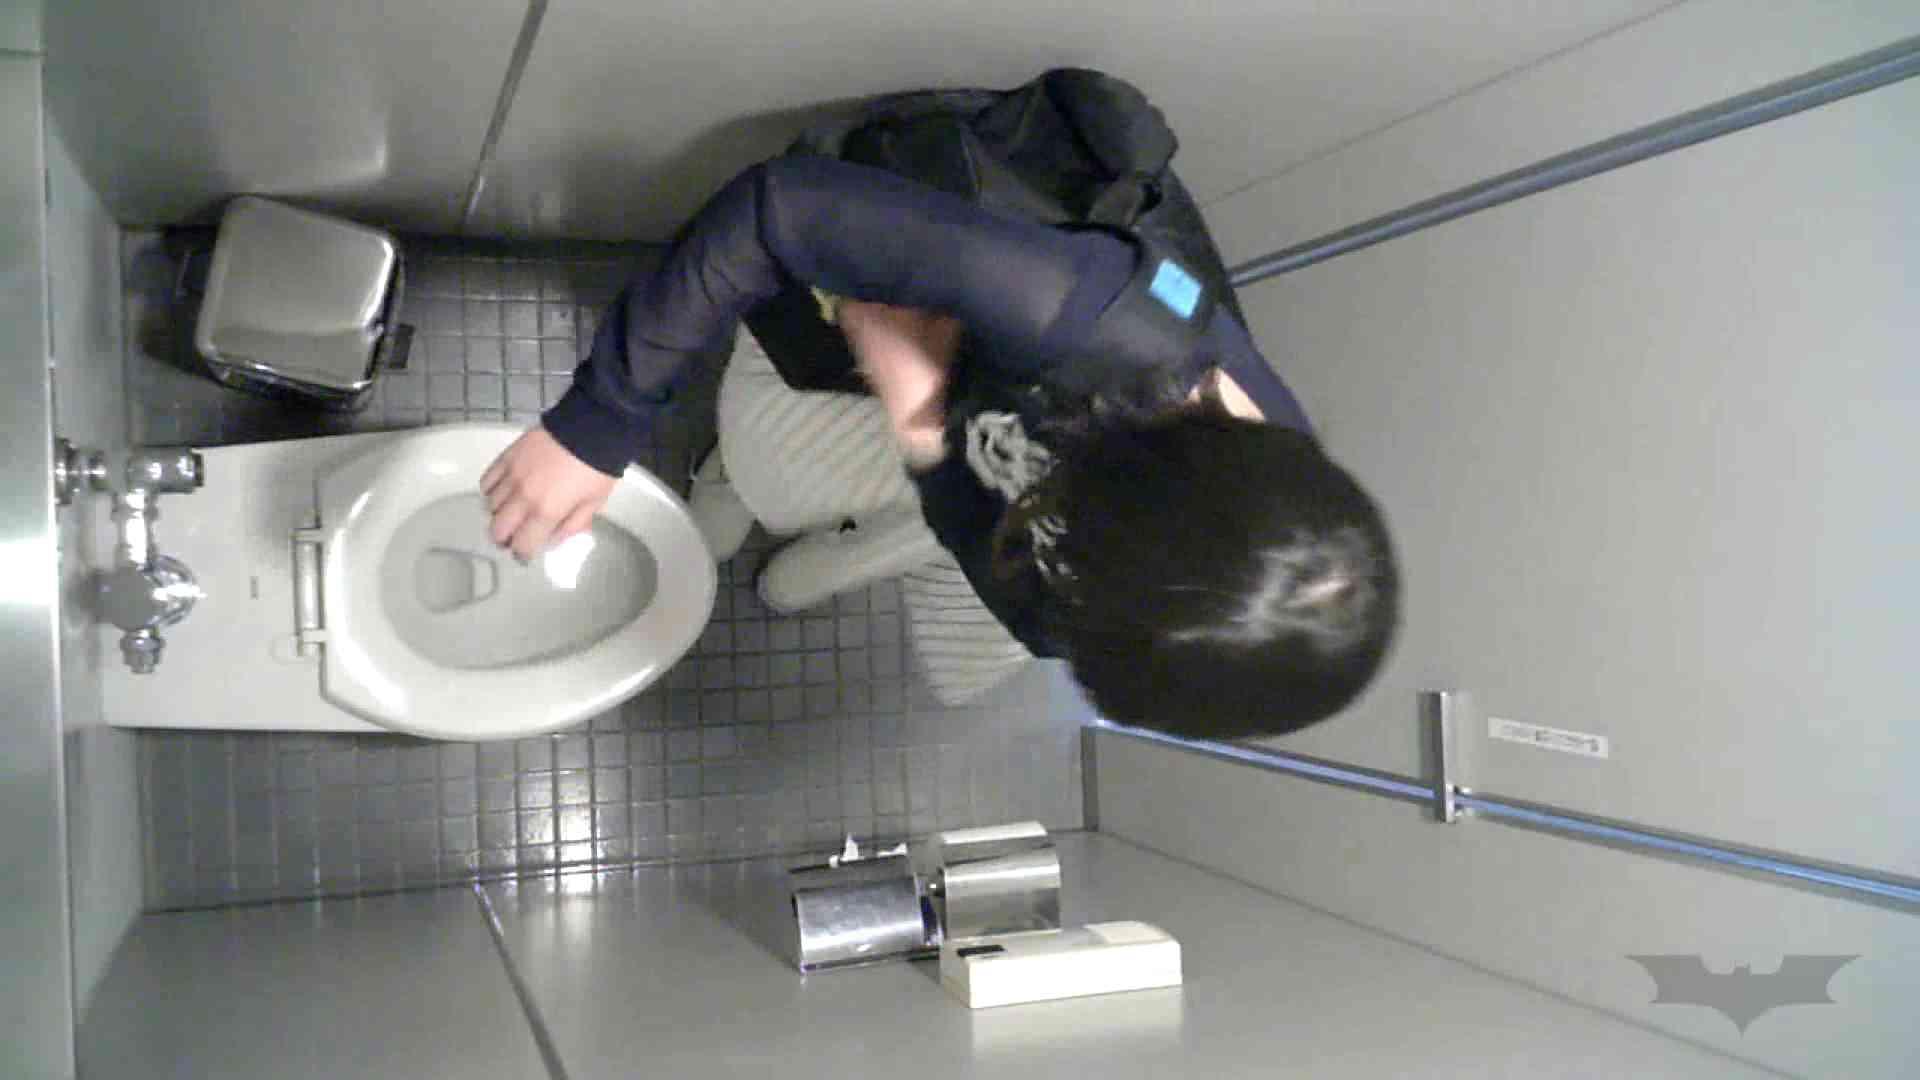 有名大学女性洗面所 vol.36 すっごい「ほじって」ます。 潜入 AV無料動画キャプチャ 78枚 77